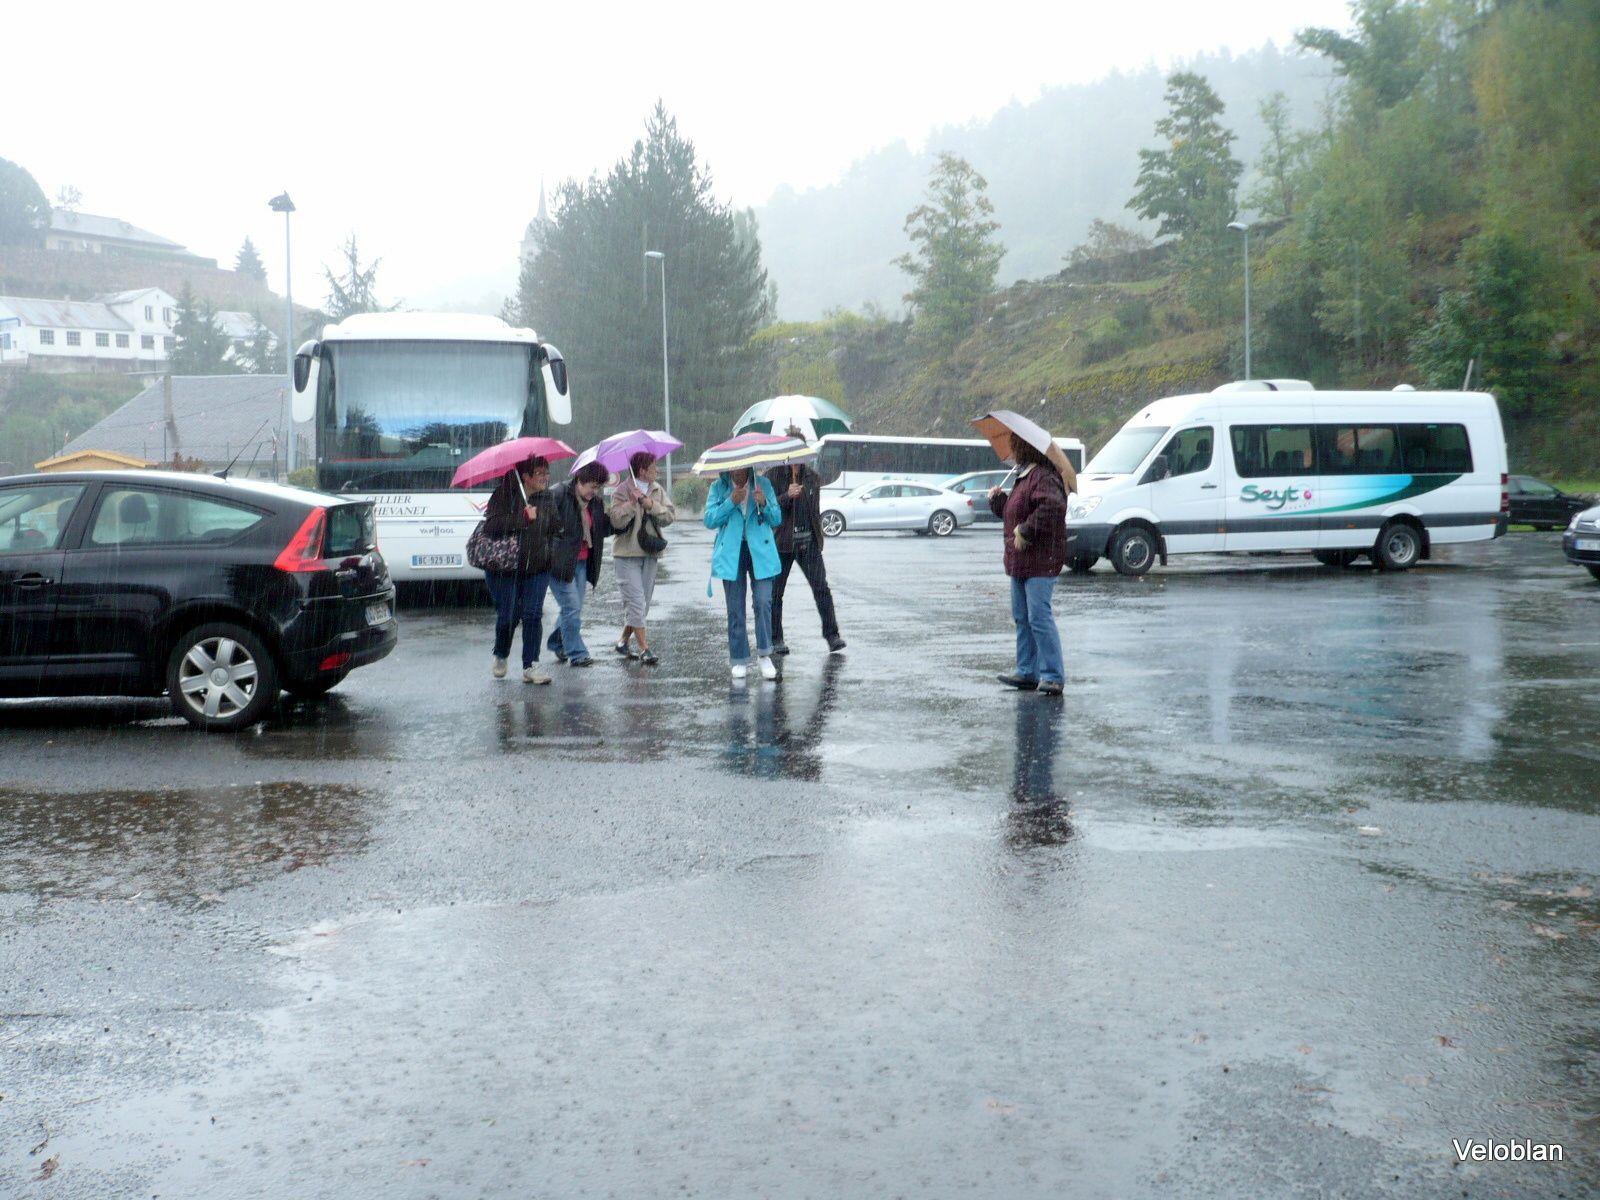 Les marcheurs partis nous sommes 10 personnes à rester dans le car et nous décidons, vu le temps, d'aller manger au restaurant à Chaudes-Aigues.